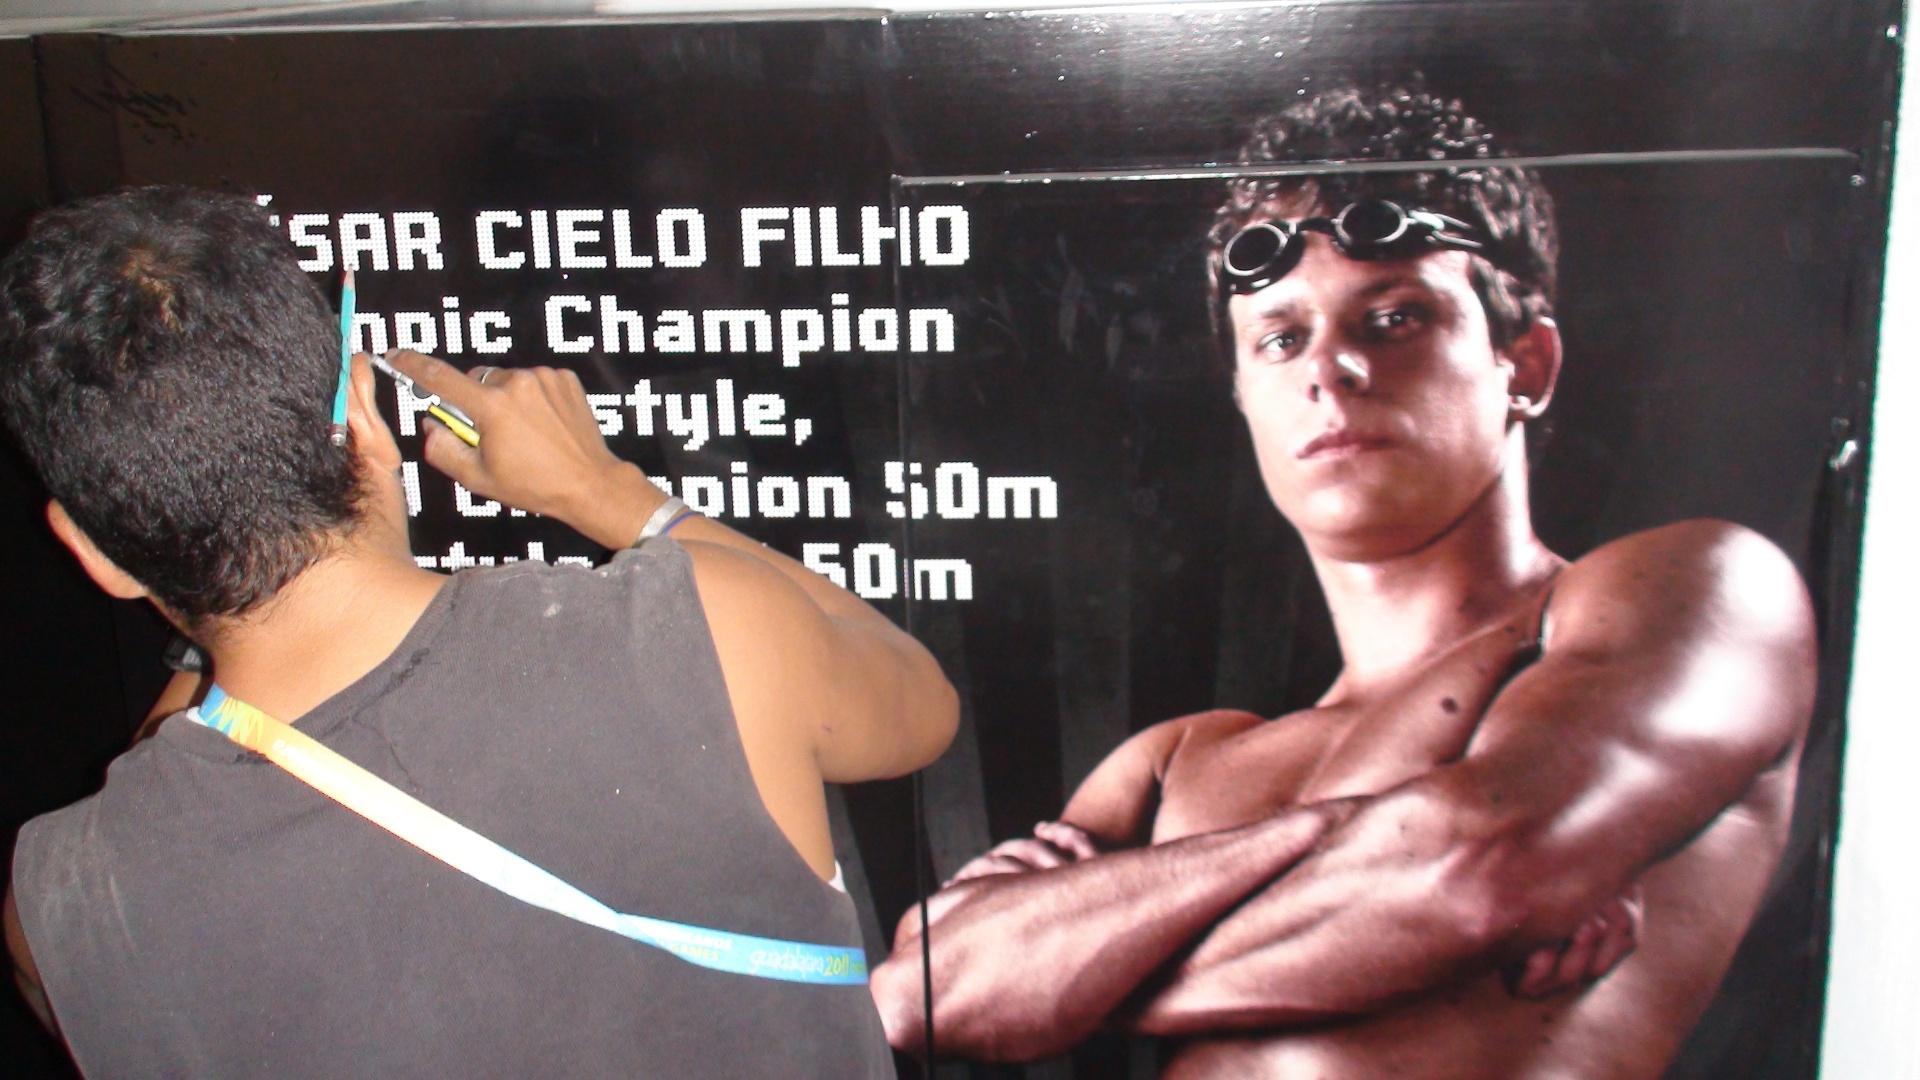 Cartaz do campeão olímpico e mundial é fixado em Guadalajara